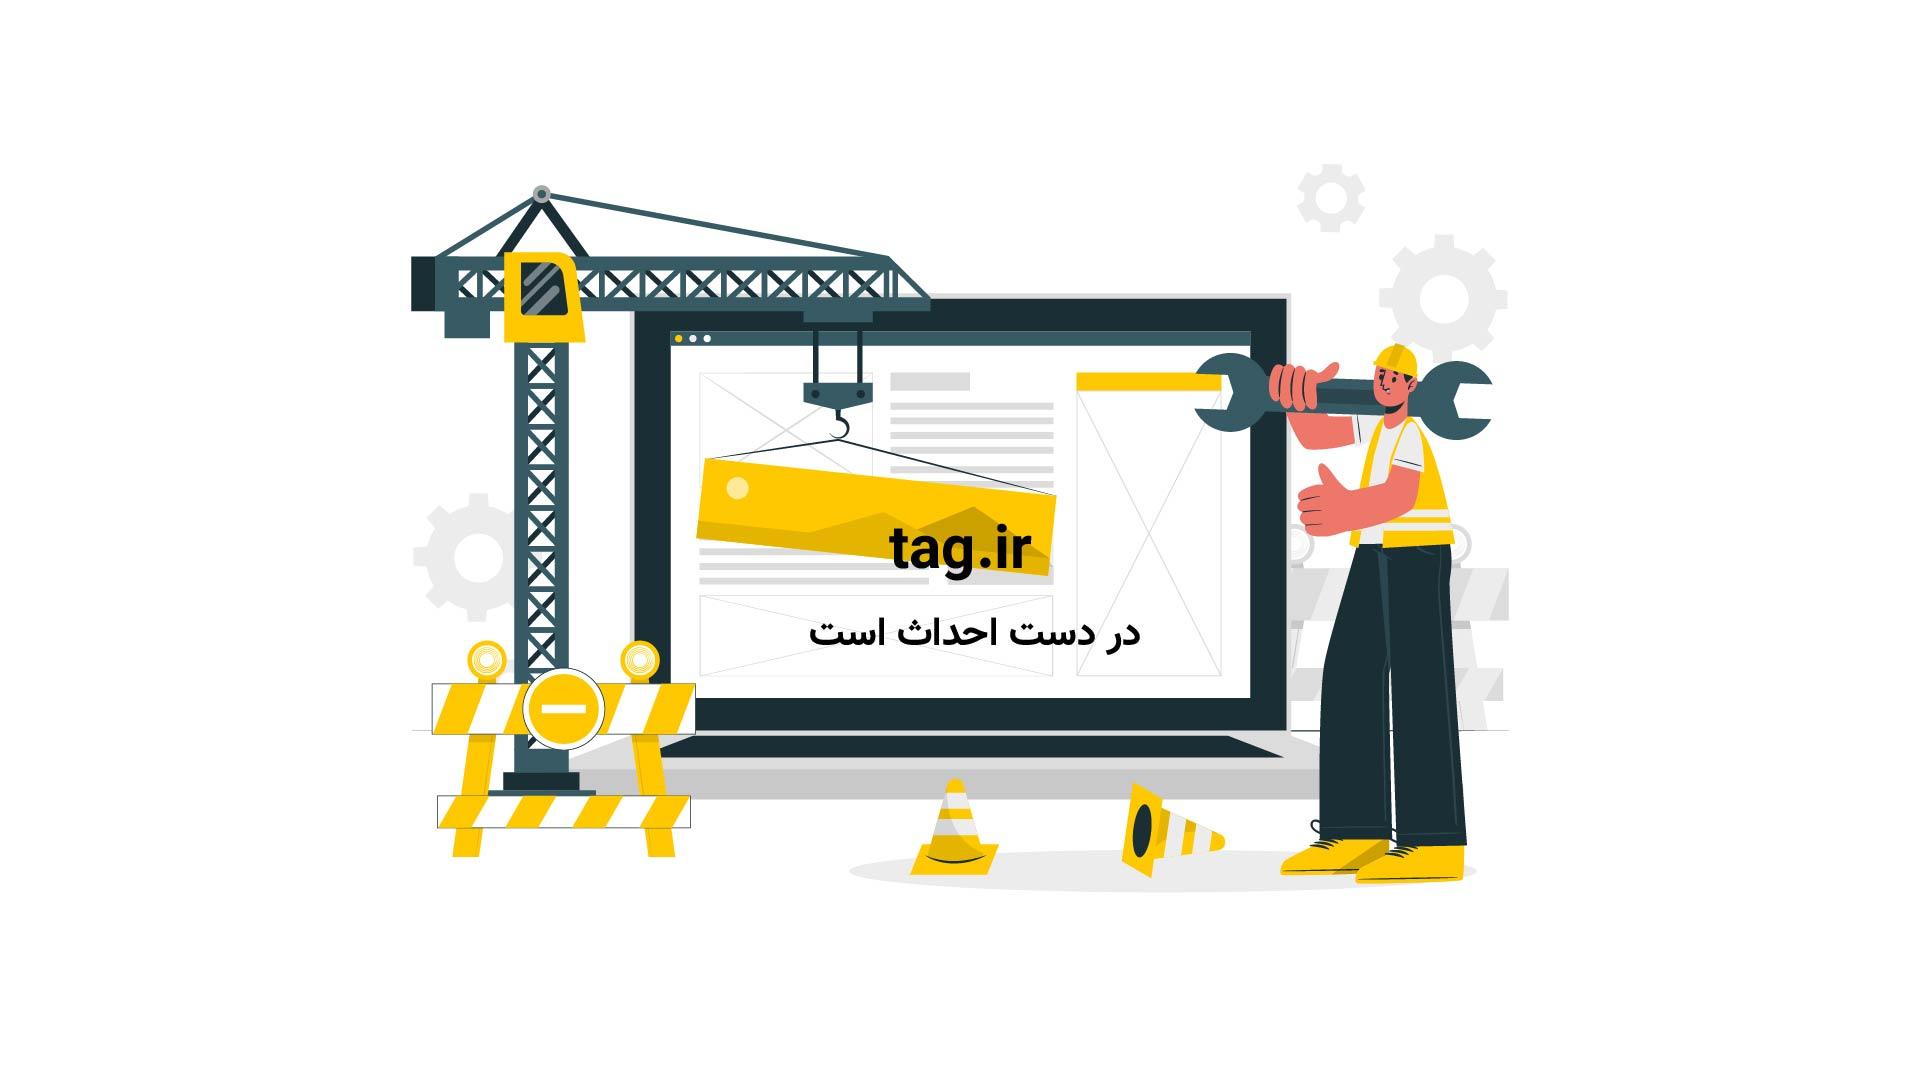 سخنگوی آتش نشانی از کشف ۴ پیکر در موتورخانه پلاسکو خبر داد   فیلم